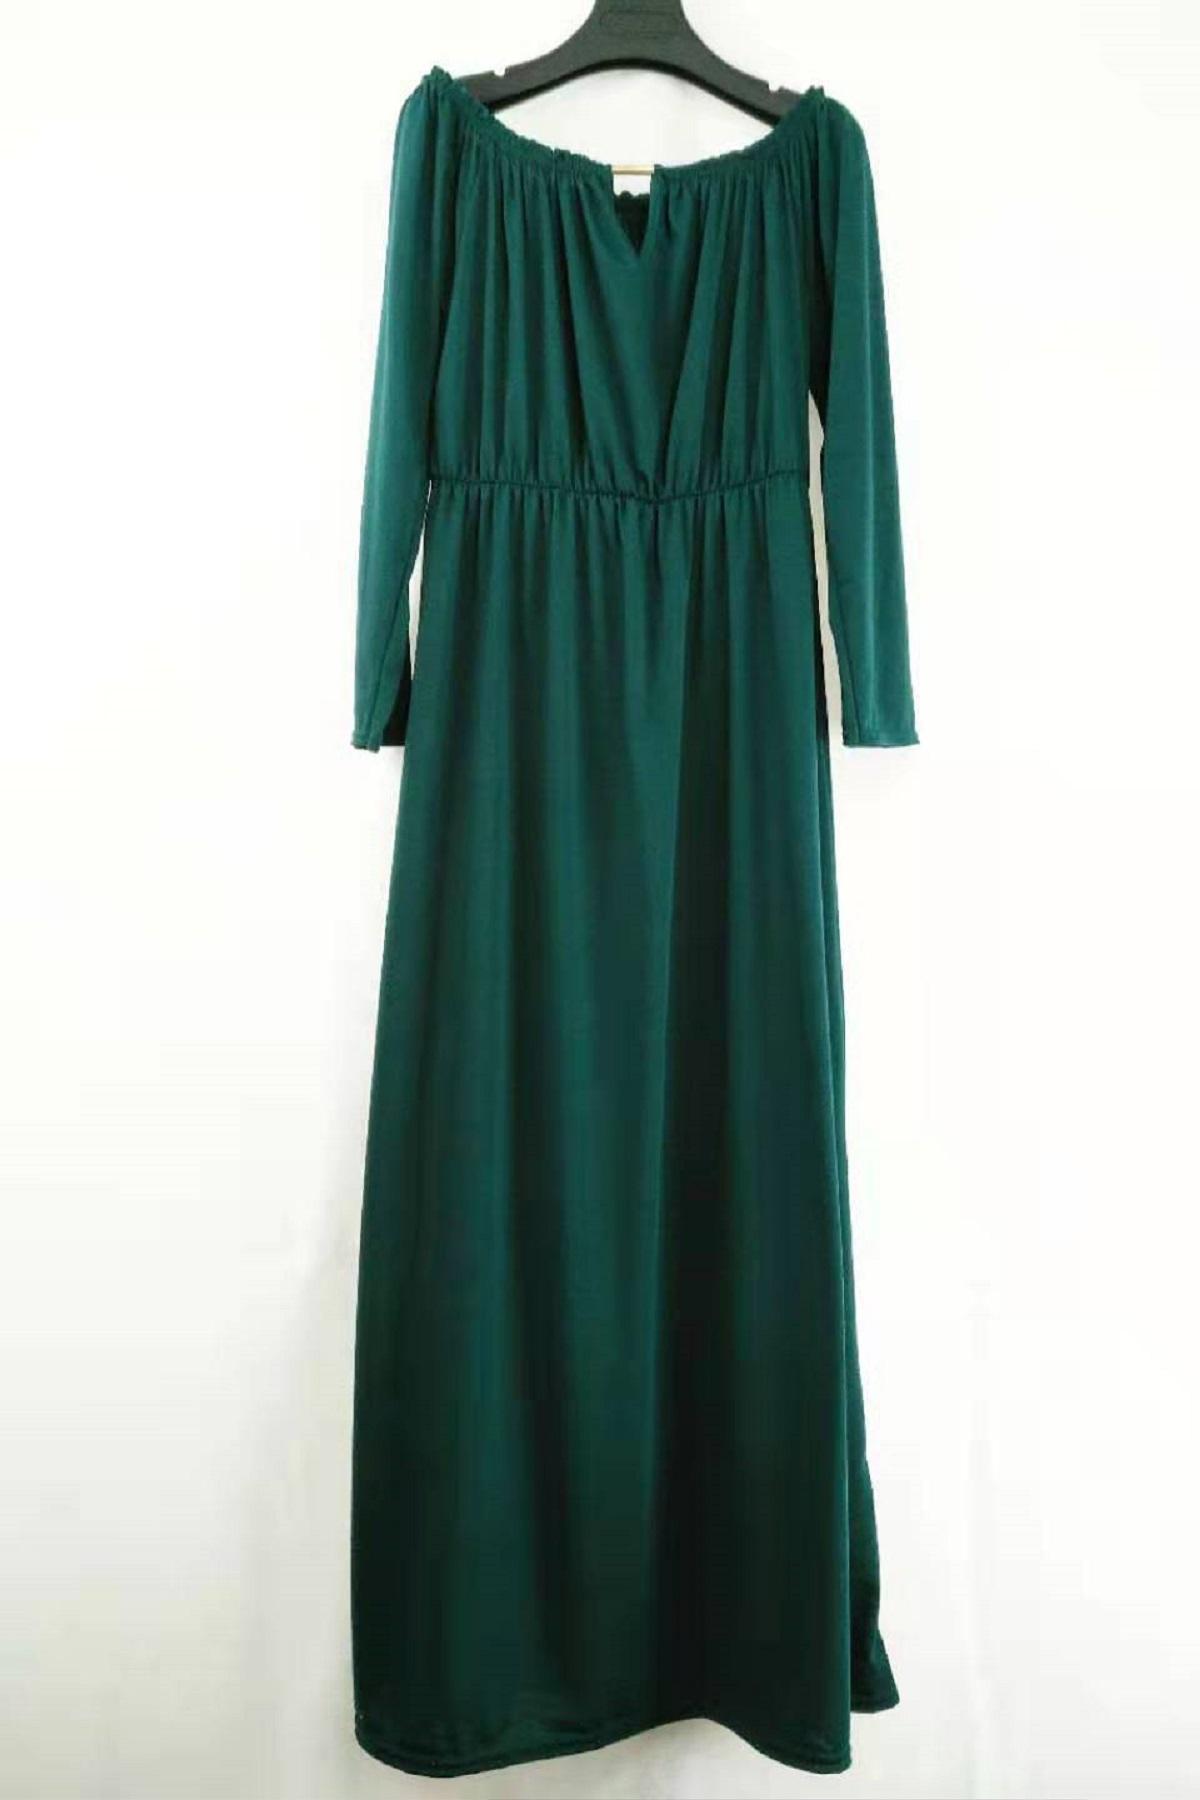 Robes longues Femme Vert canard imod R73 #c eFashion Paris